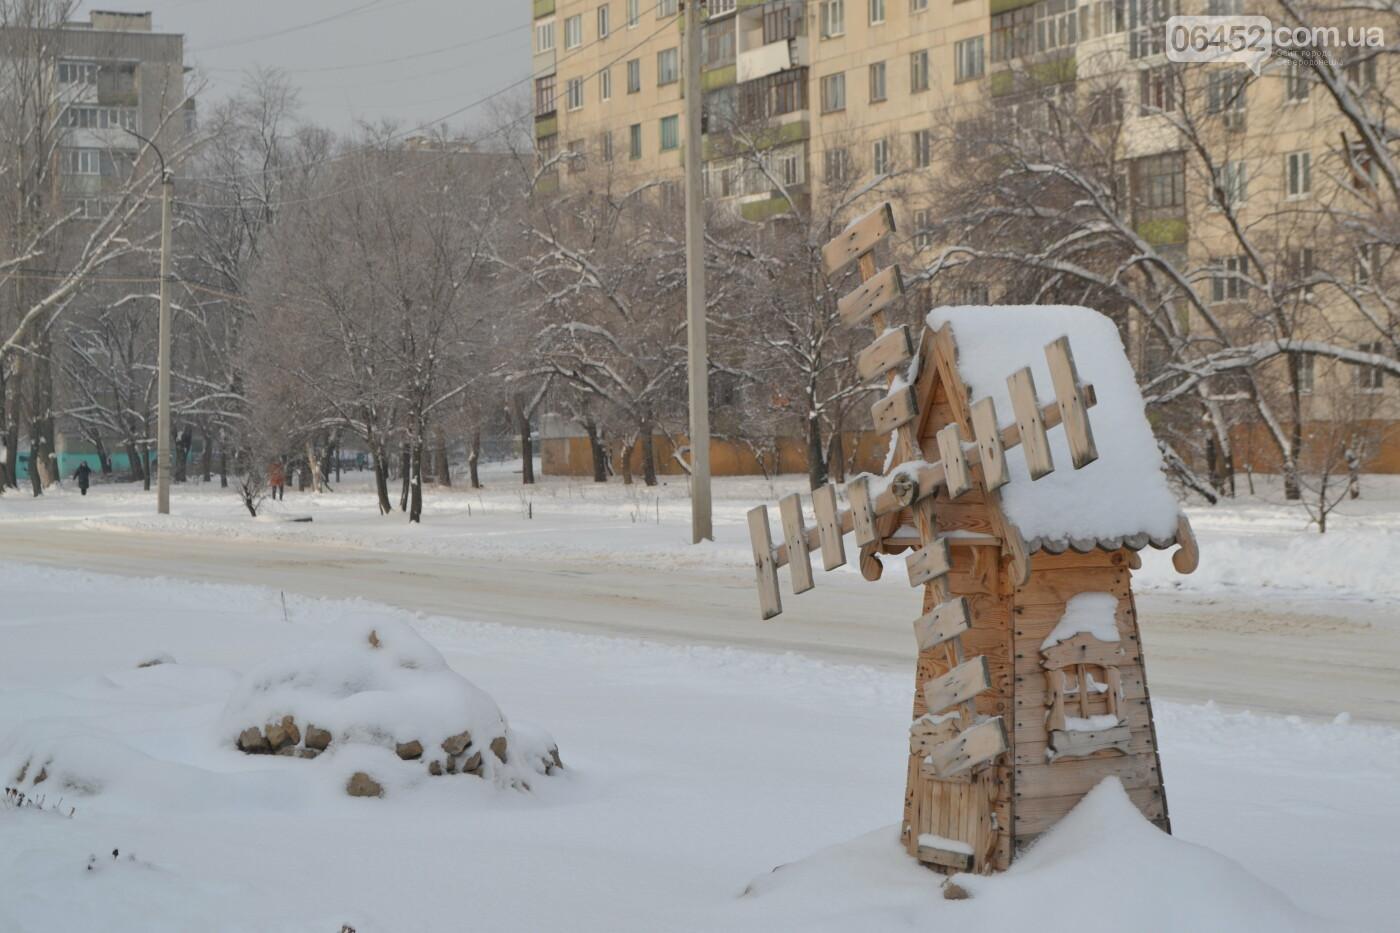 Заснеженный город: в Северодонецк пришла настоящая зимняя сказка (фото) , фото-40